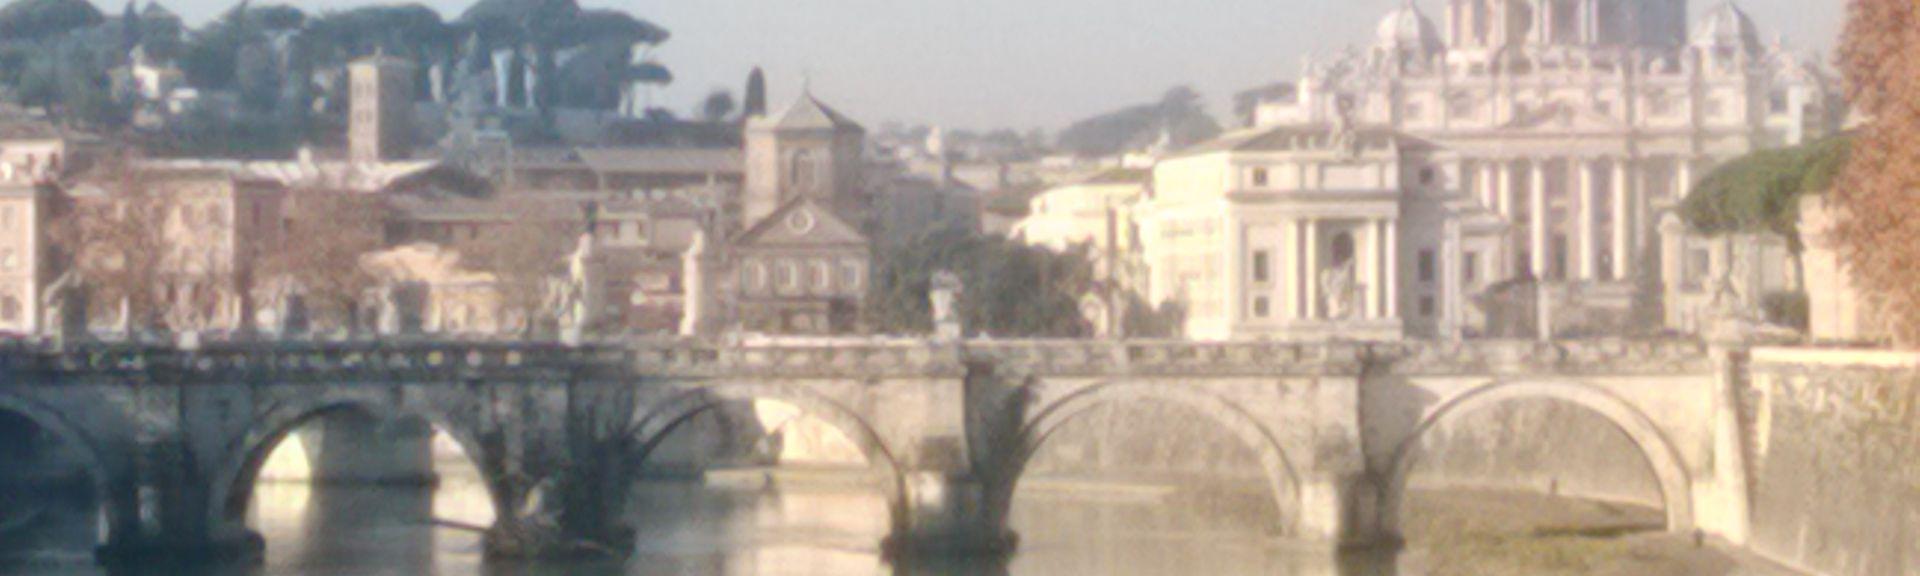 Gianicolense, Rzym, Lacjo, Włochy